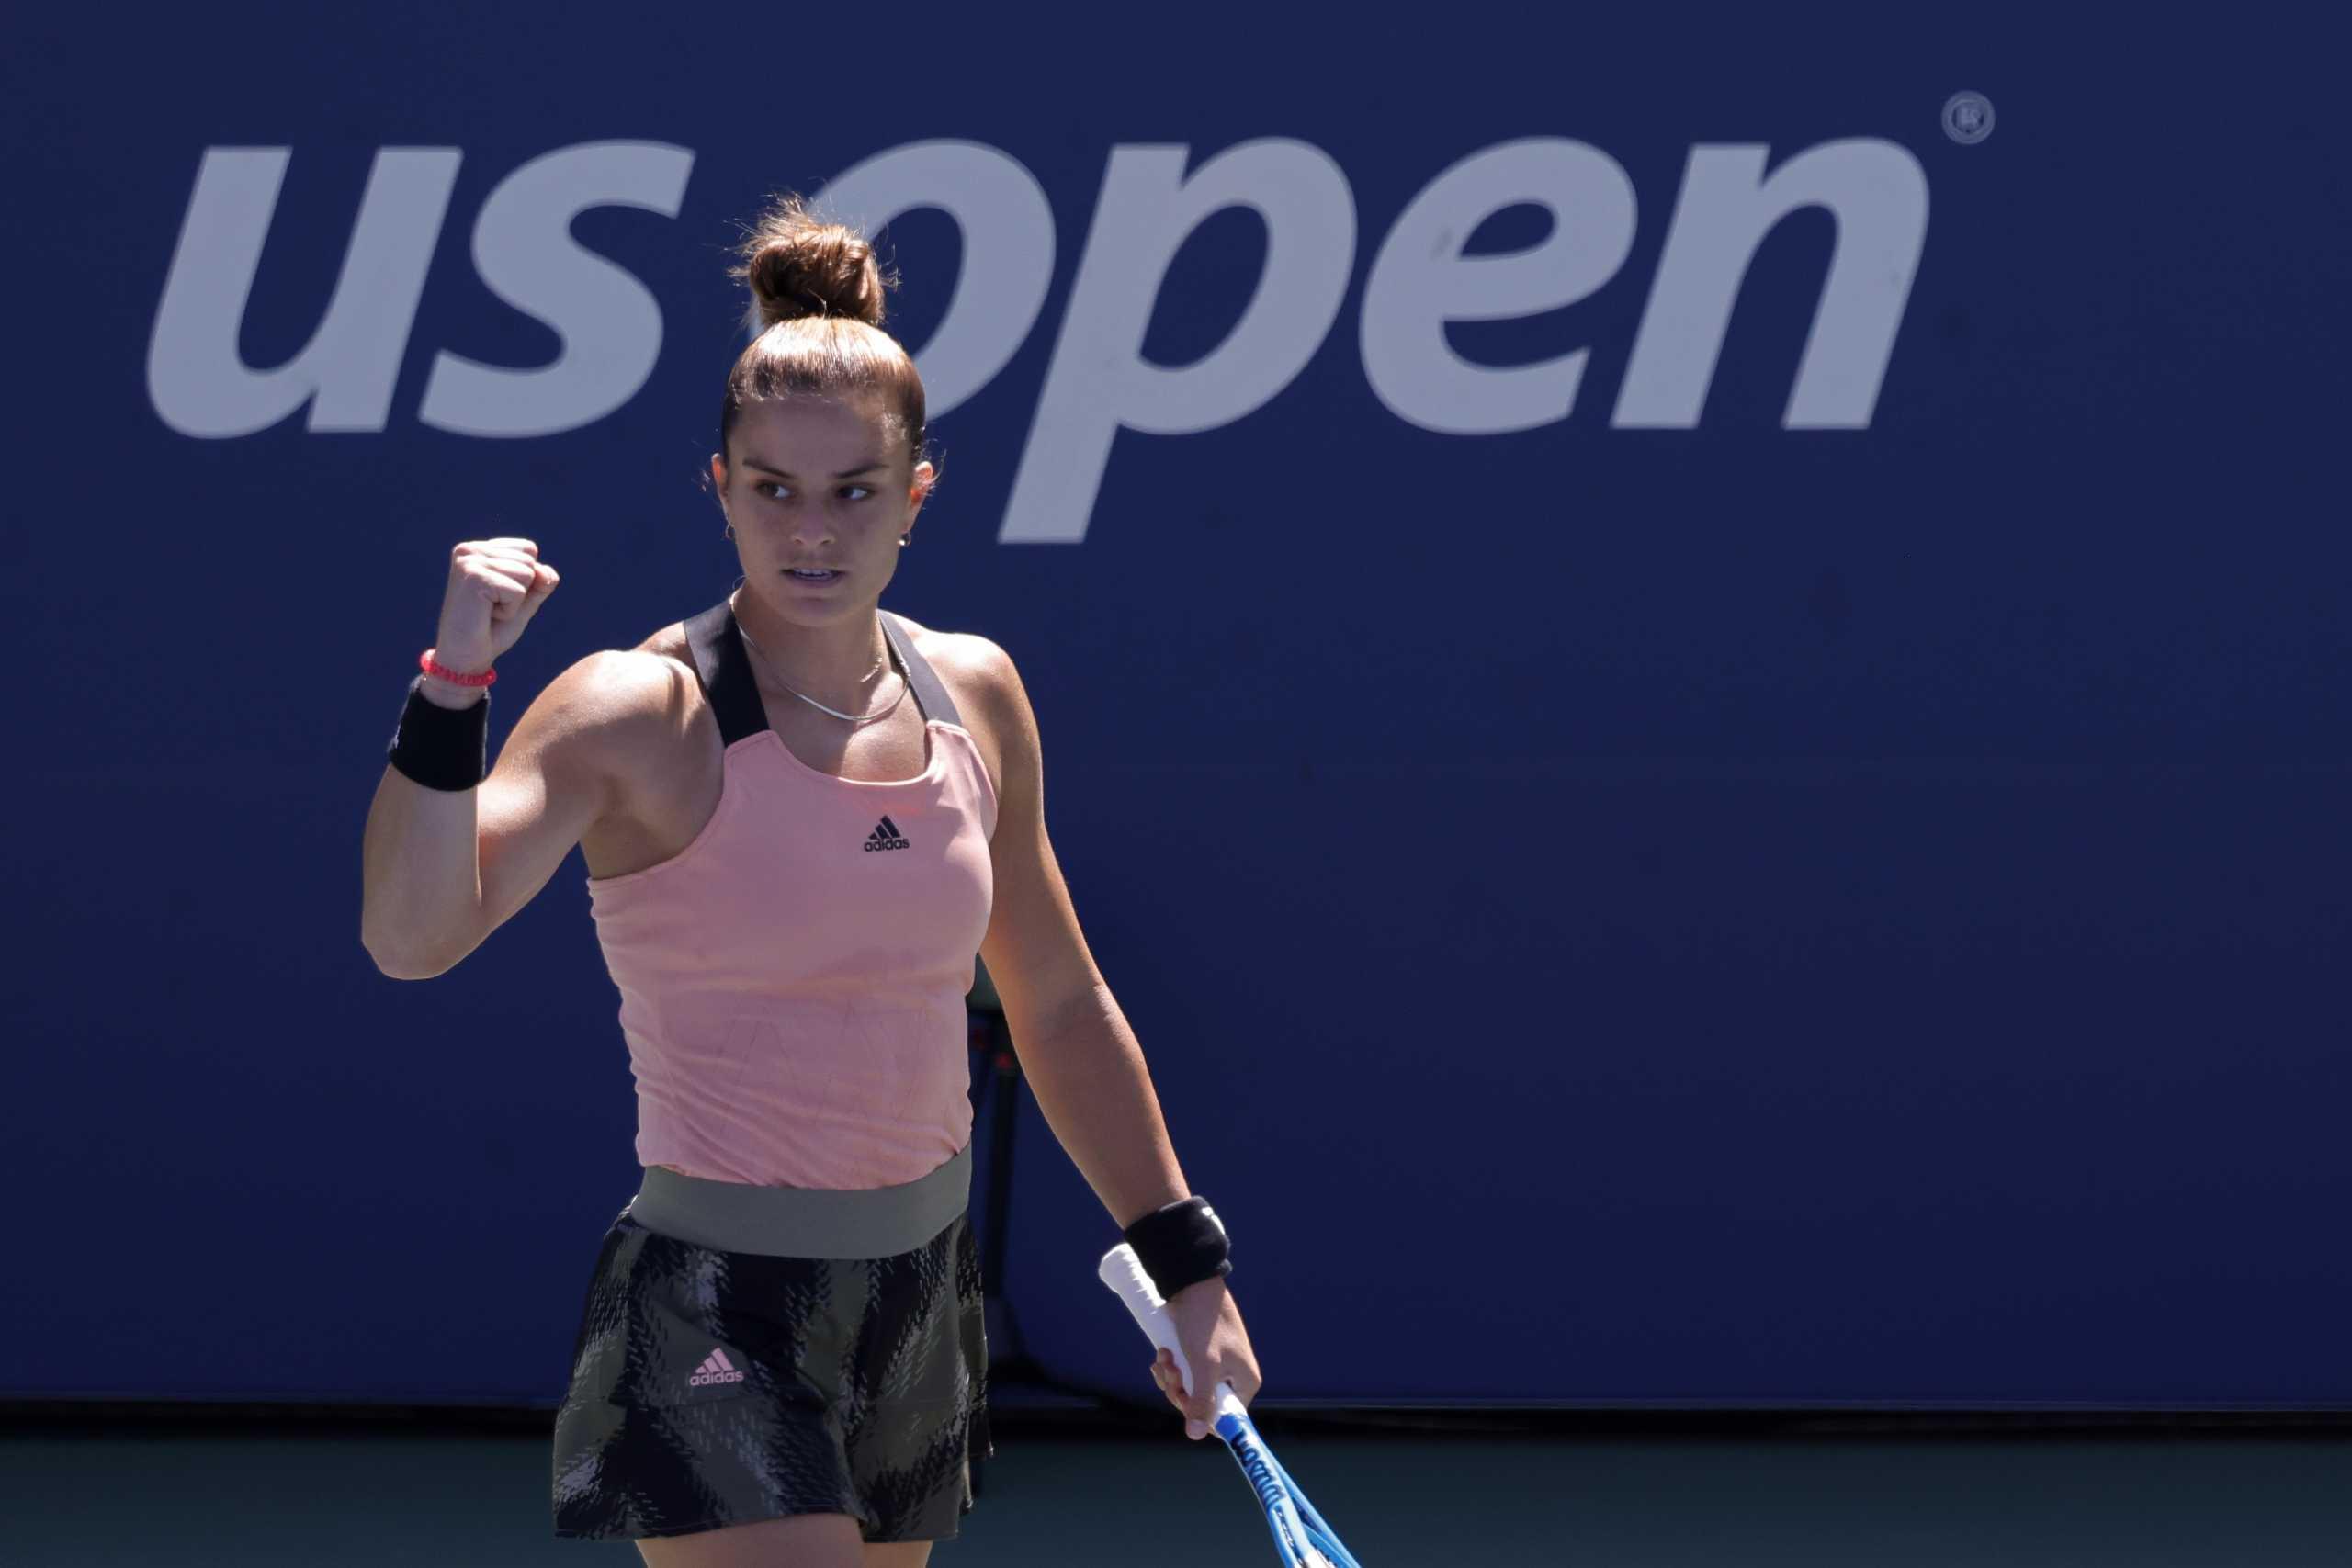 Πέτρα Κβίτοβα – Μαρία Σάκκαρη 0-2: «Σκόρπισε» το Νο 11 στον κόσμο και πέρασε ξανά στους «16» του US Open